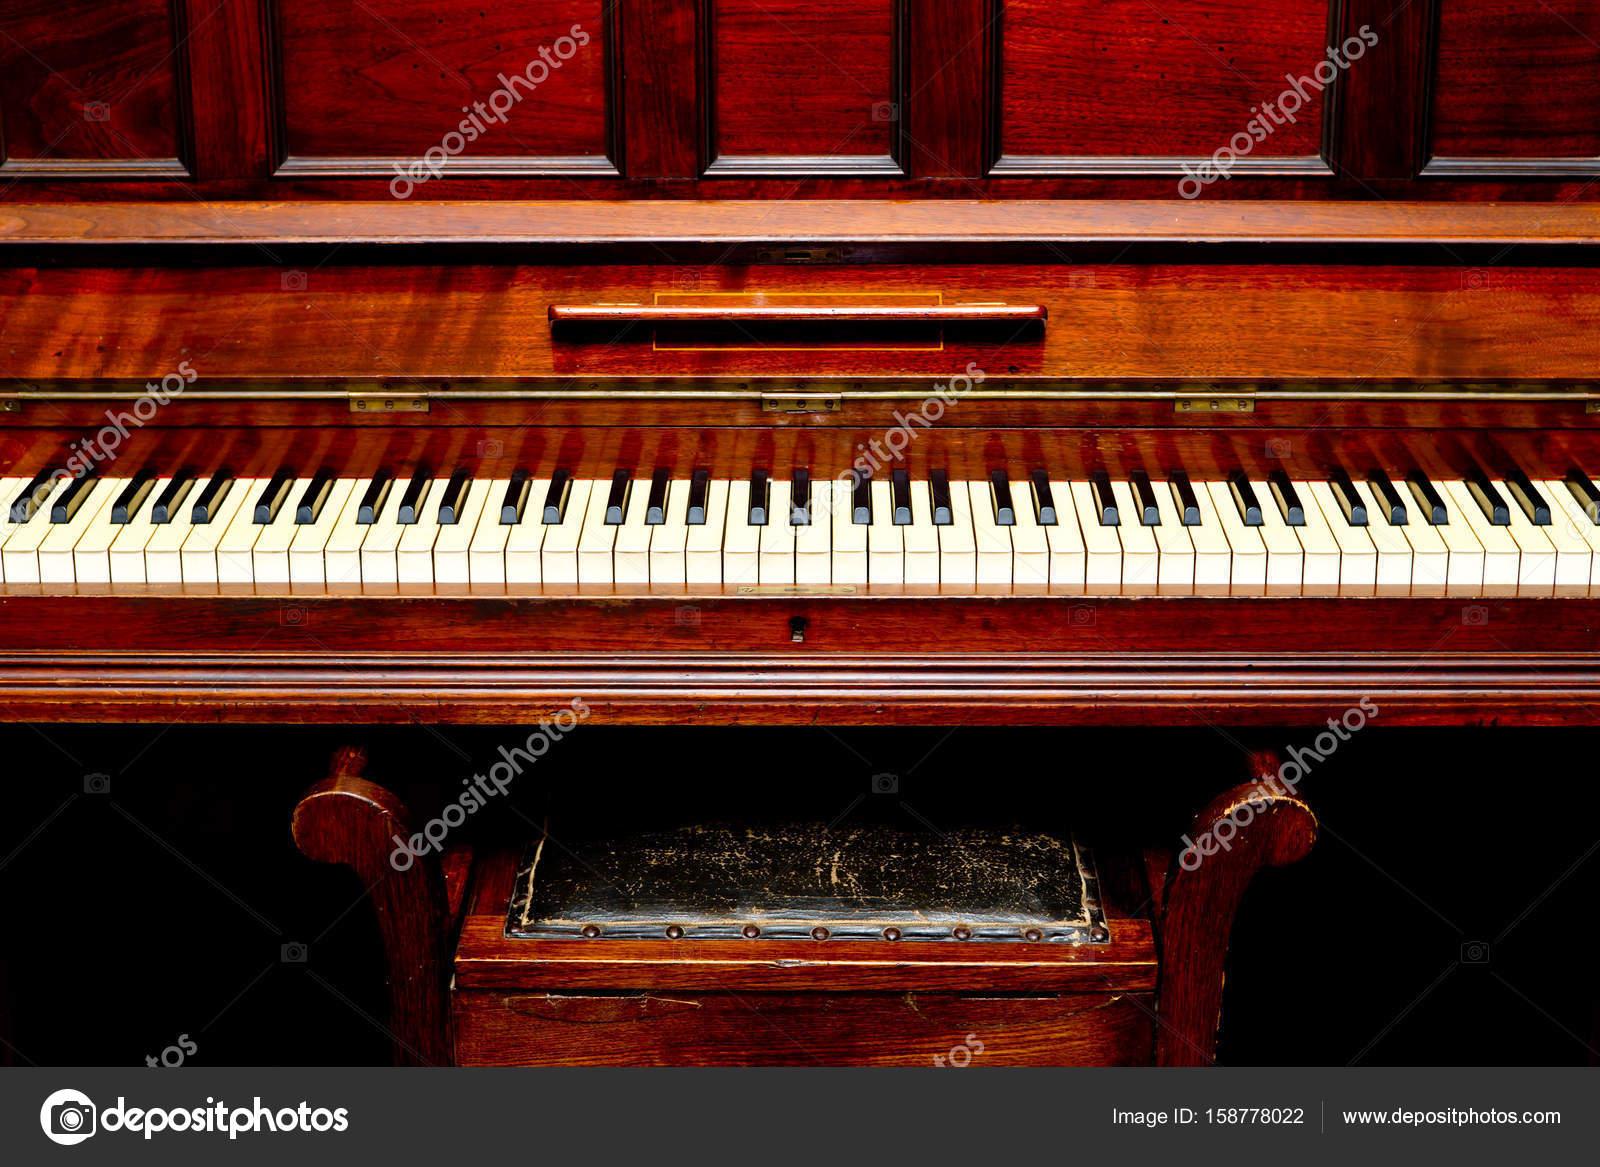 Pianoforte antico vista frontale dei tasti del pianoforte e